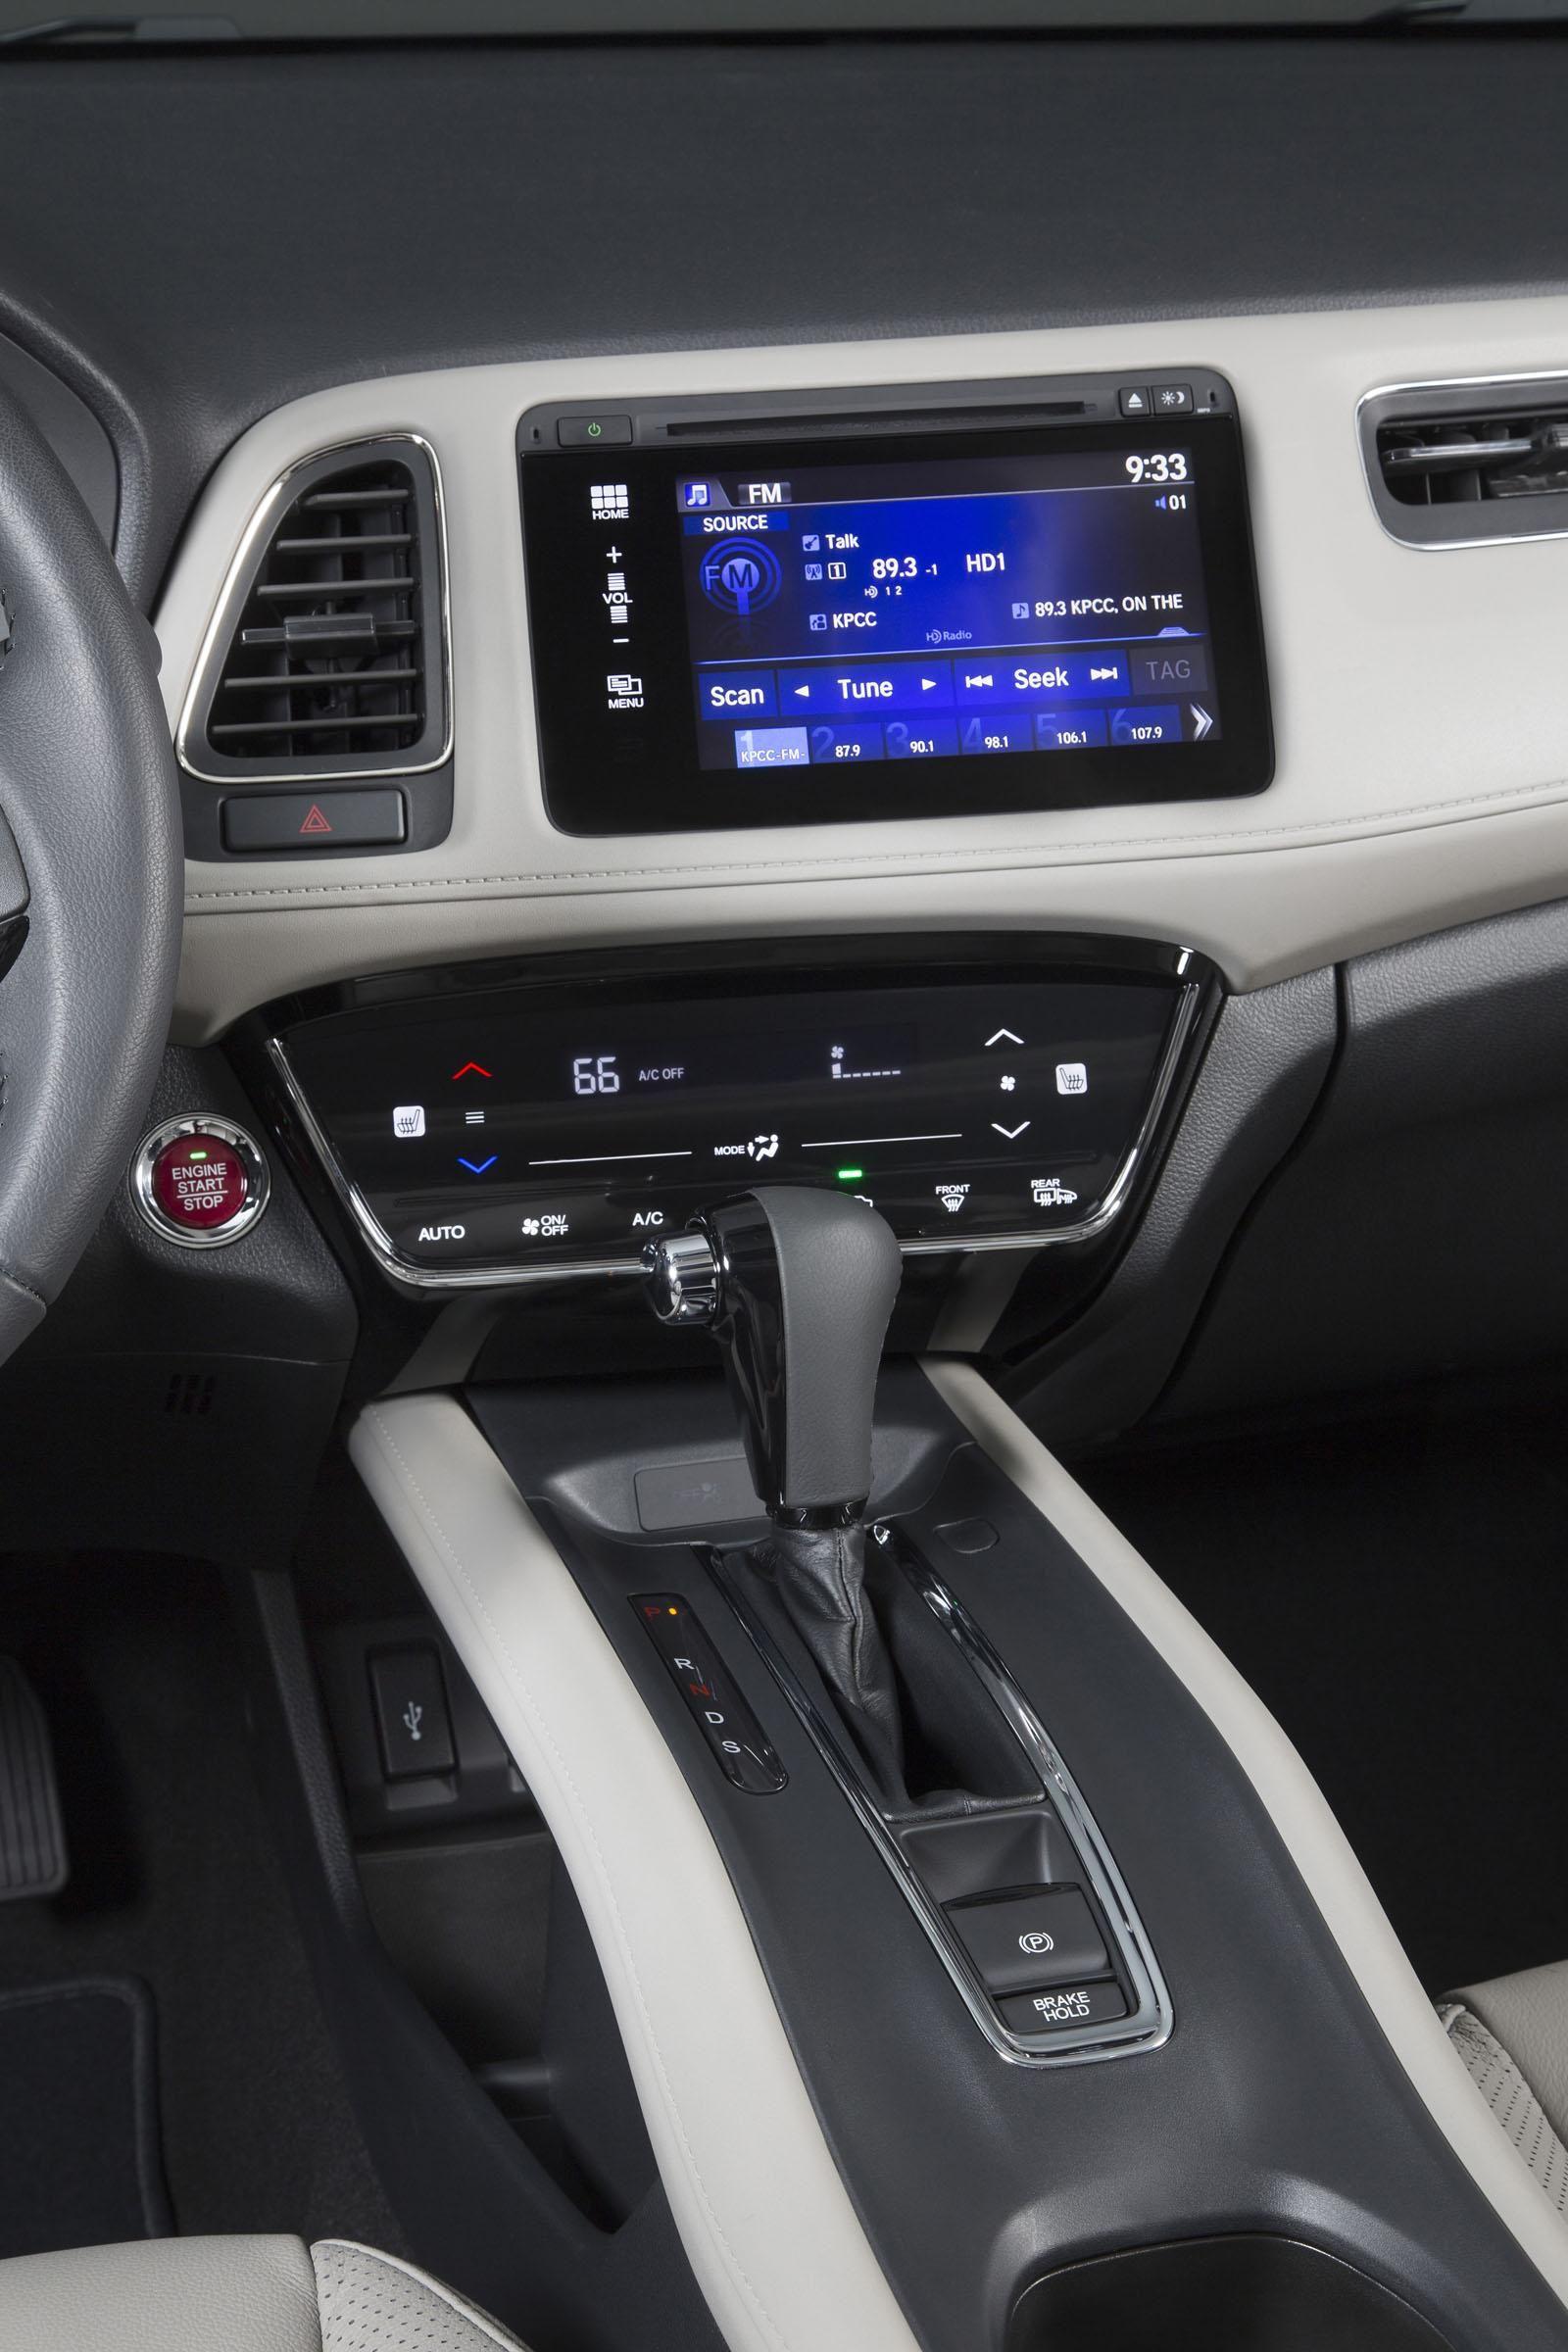 2016 Honda Hrv Interior